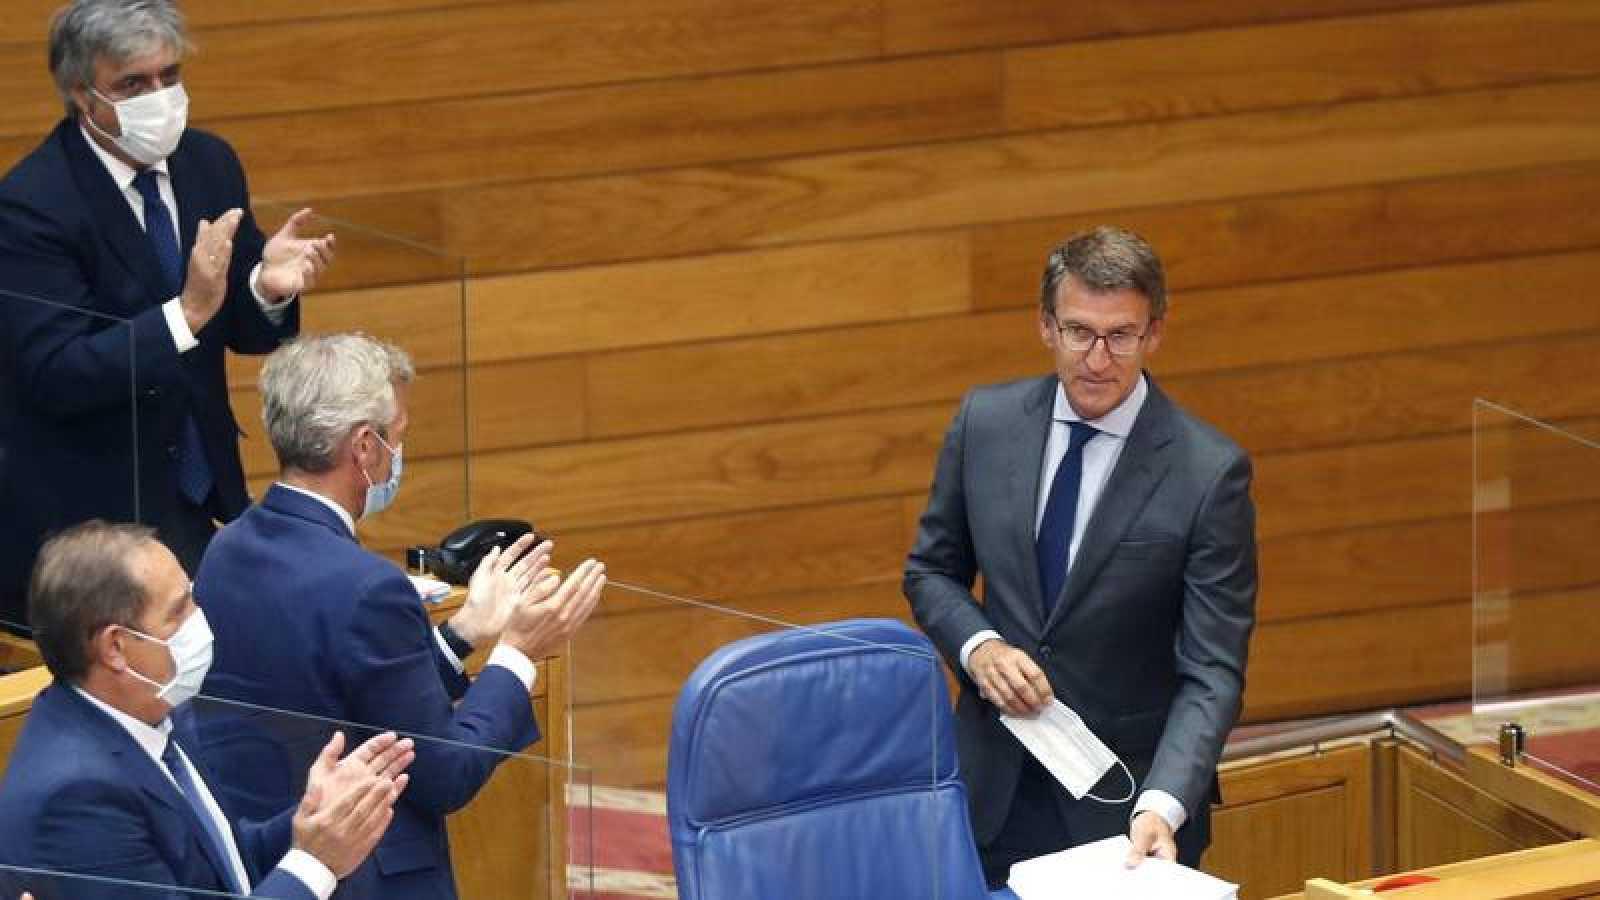 Feijóo, tras su intervención en el pleno de investidura de la XI Legislatura del Parlamento Gallego